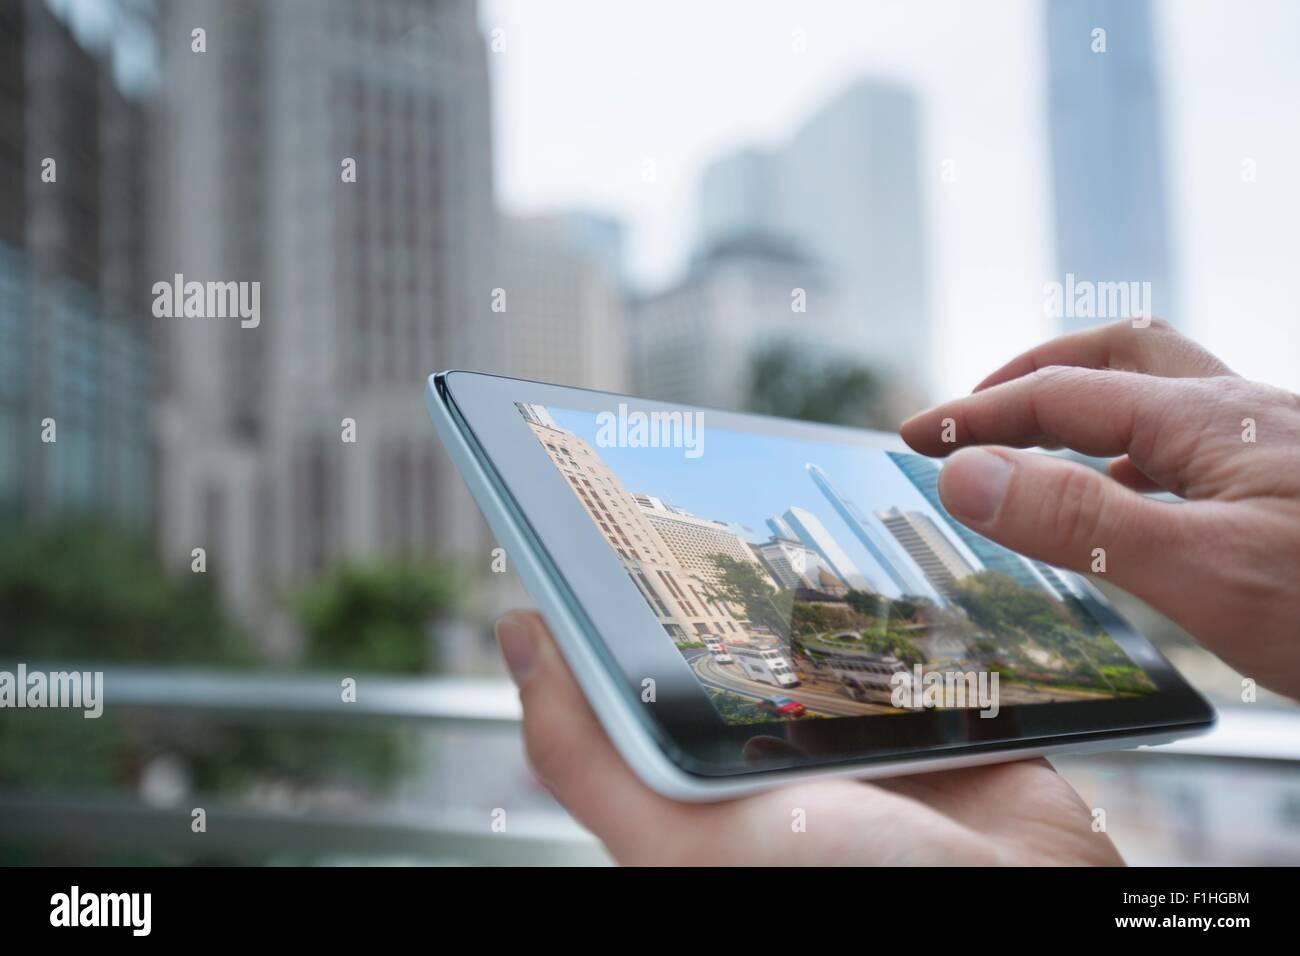 Man using digital tablet, focus on hands, Hong Kong, China - Stock Image